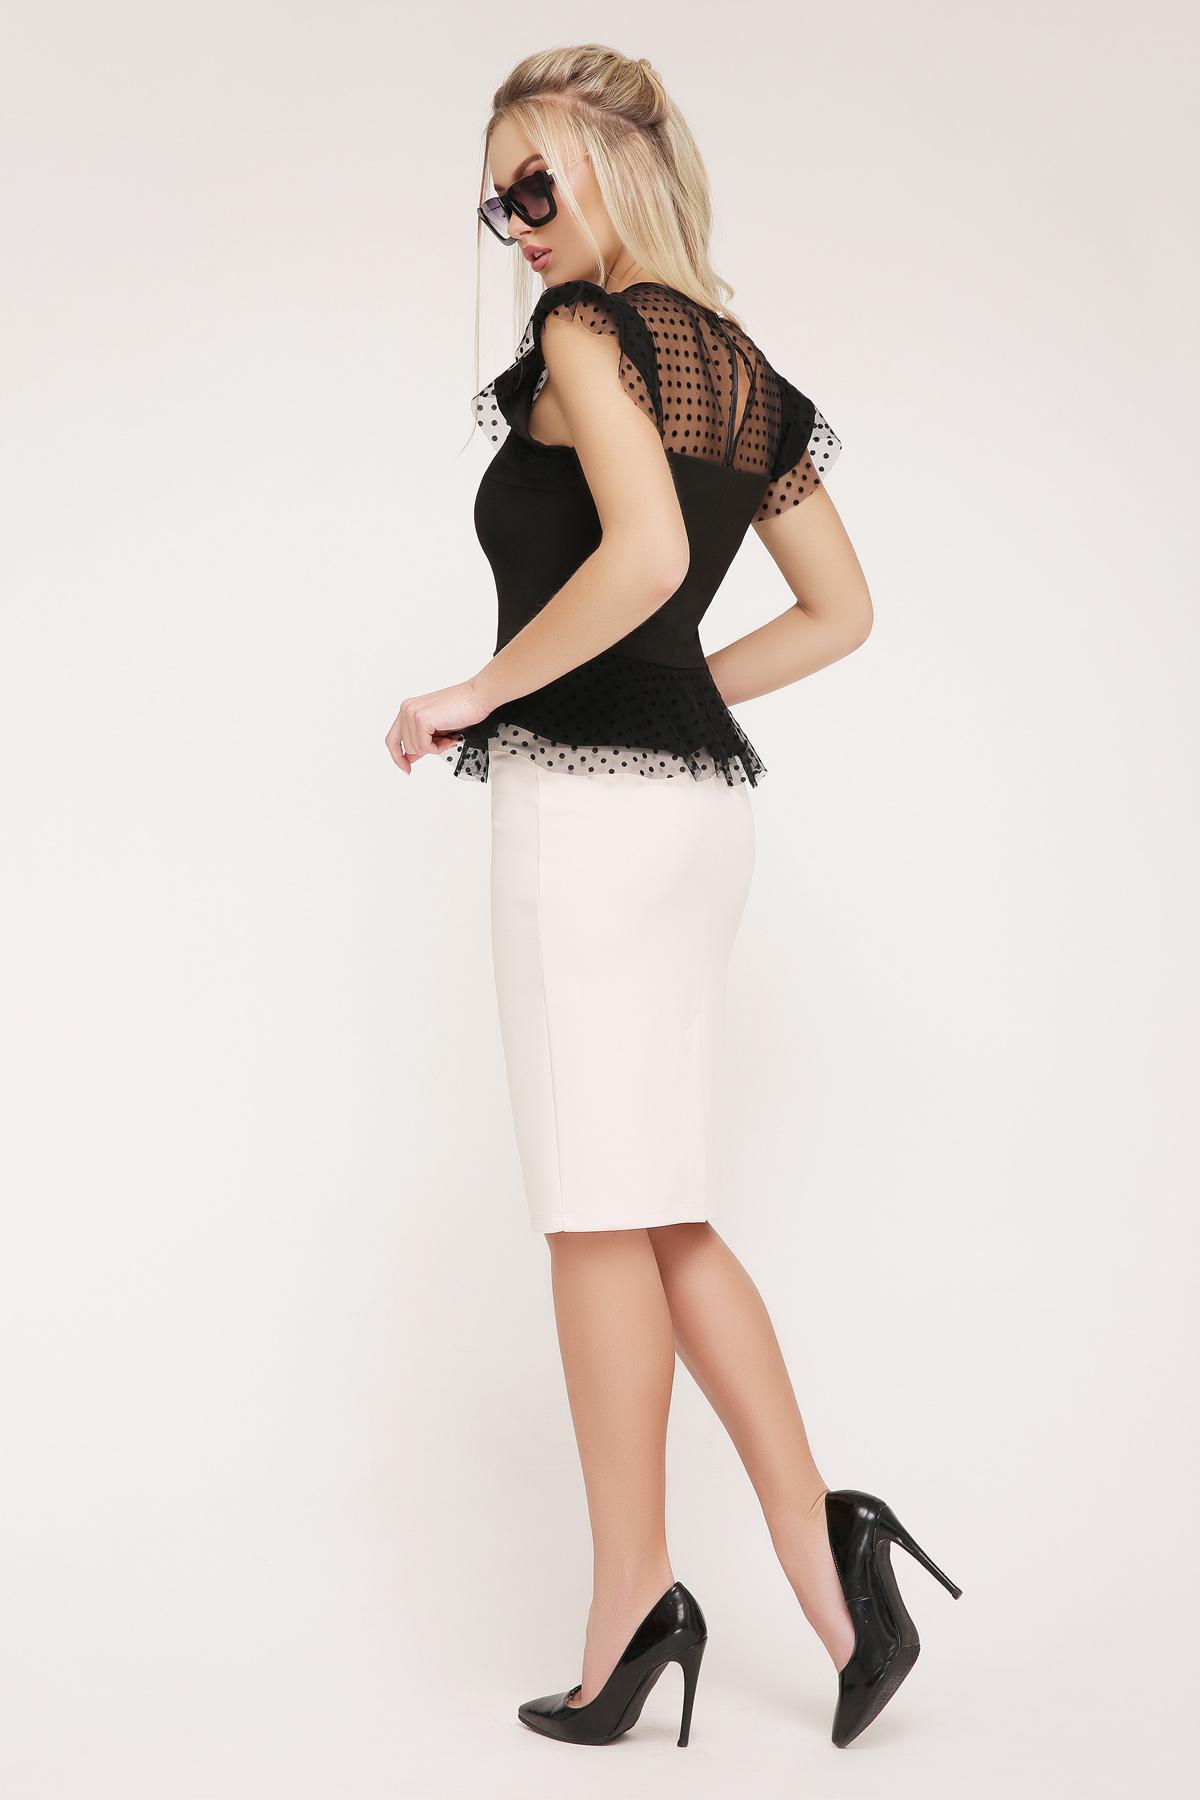 daa5060ffad Цвет  черный купить  черная блузка с баской. блуза Лайза б р. Цвет  черный  цена